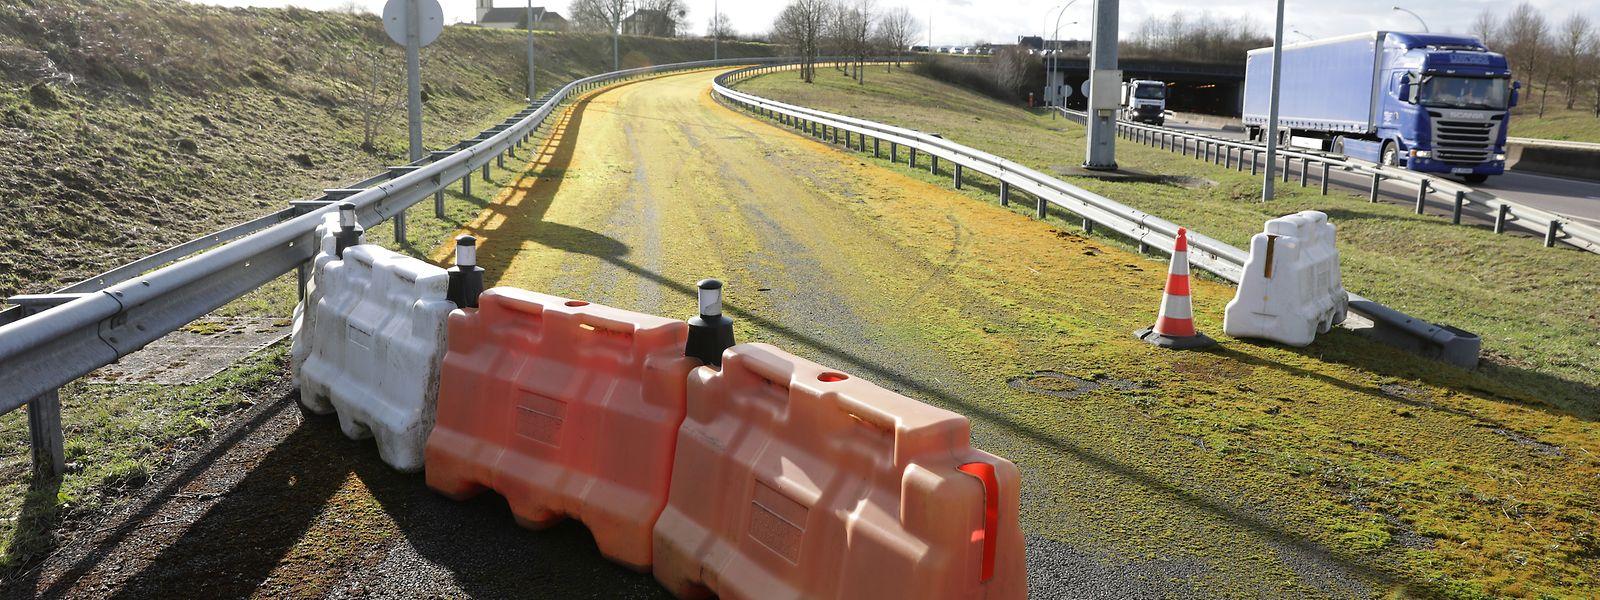 Die Autobahnausfahrt in Frisingen ist mittlerweile mit Moos bewachsen. Seit 17 Jahren wartet sie auf ihre Eröffnung.